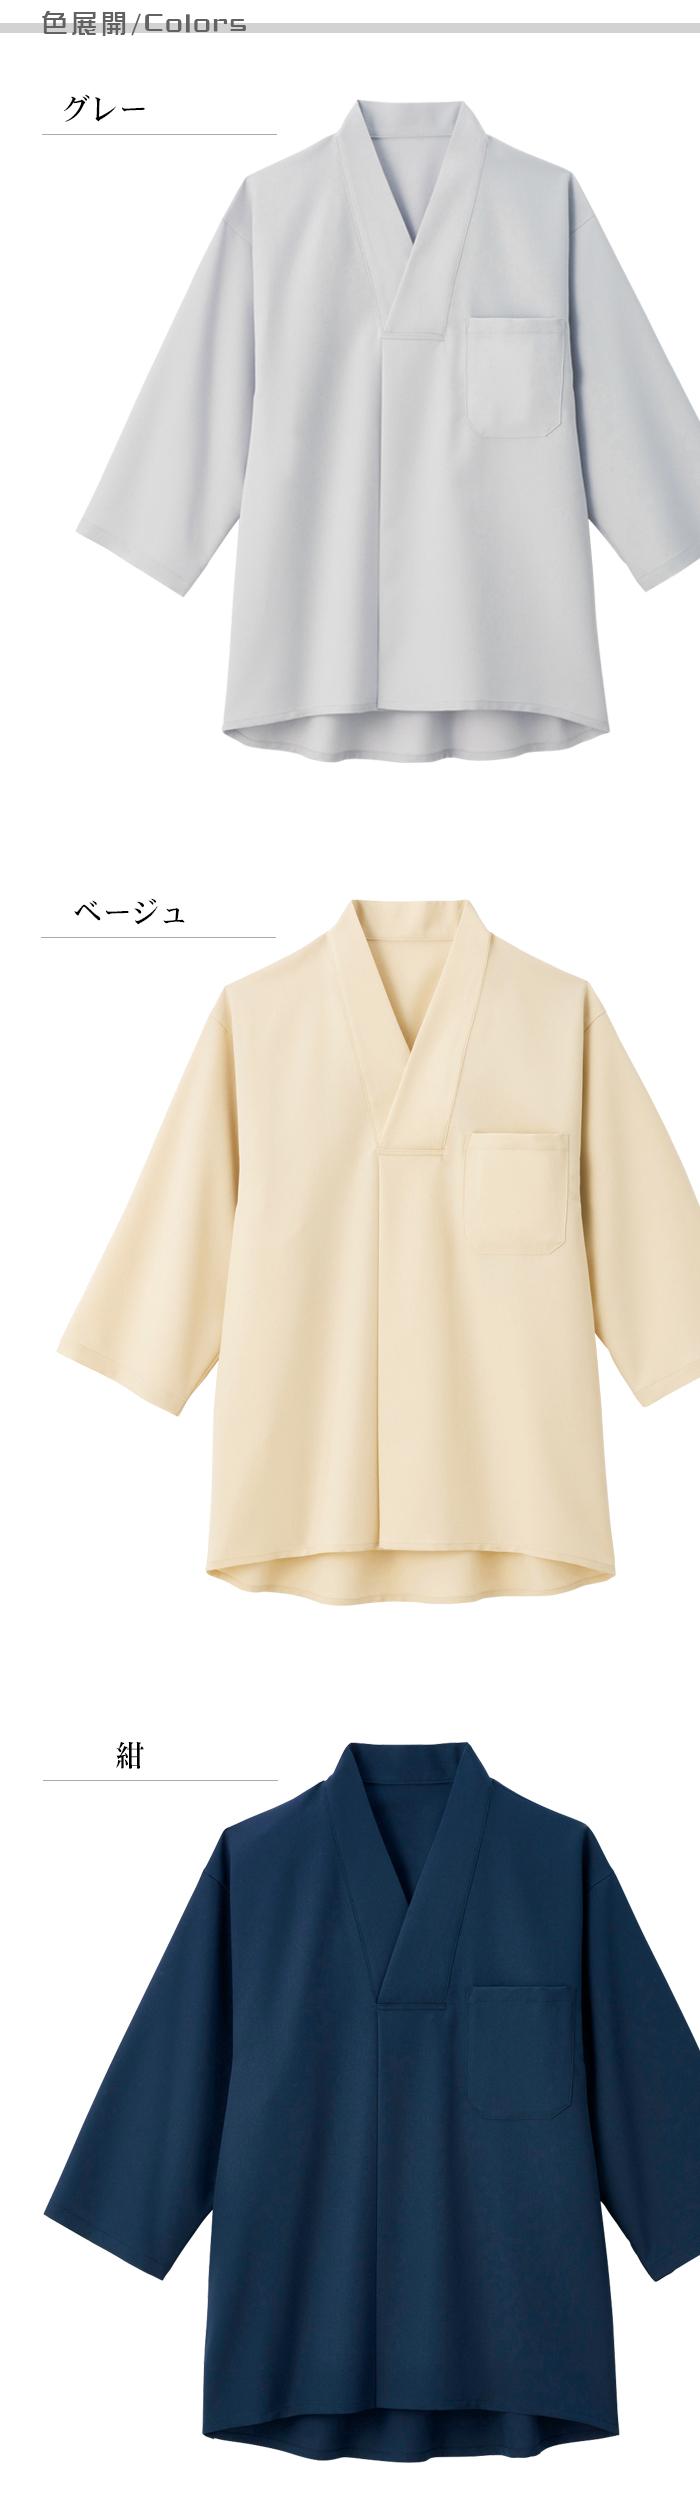 飲食店制服和風七分袖ショップコート 衿元が個性的な和シャツ 男女兼用3色   商品色展開説明